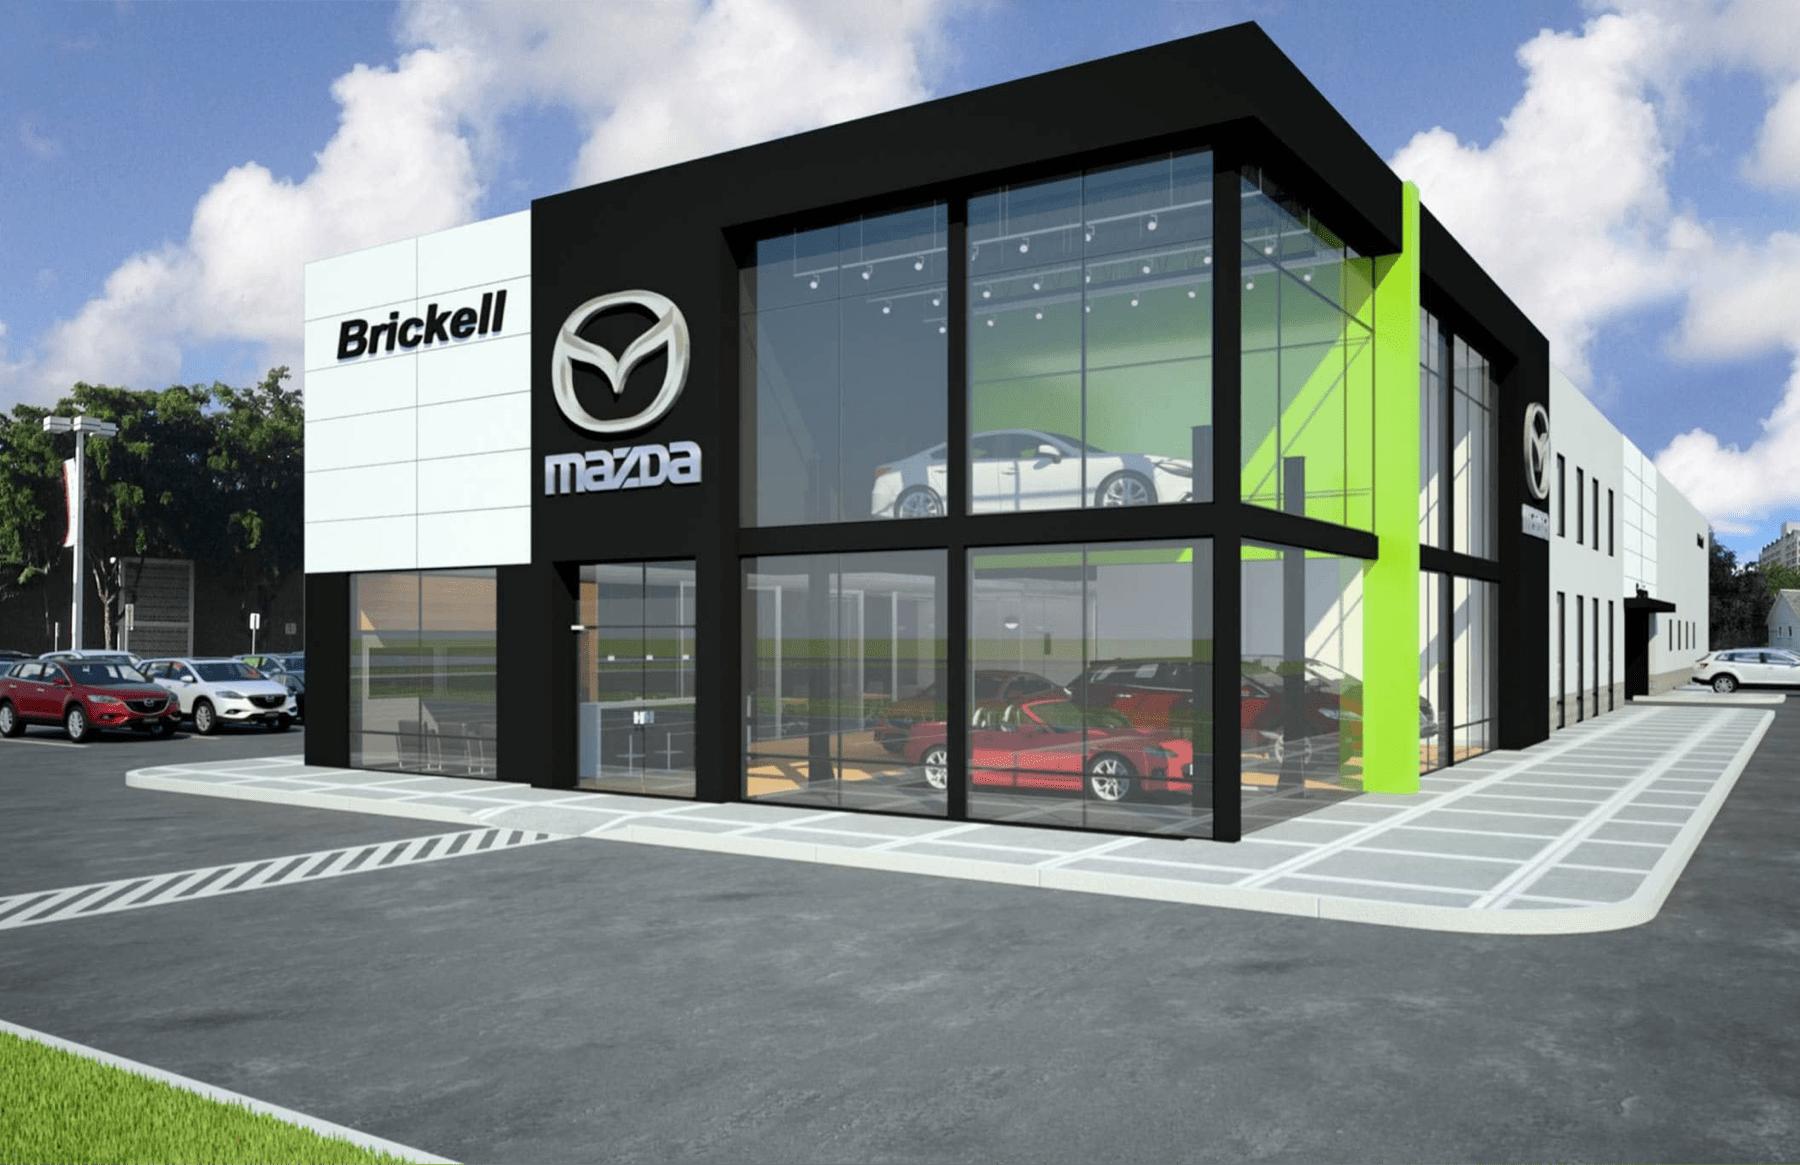 Brickell Honda store